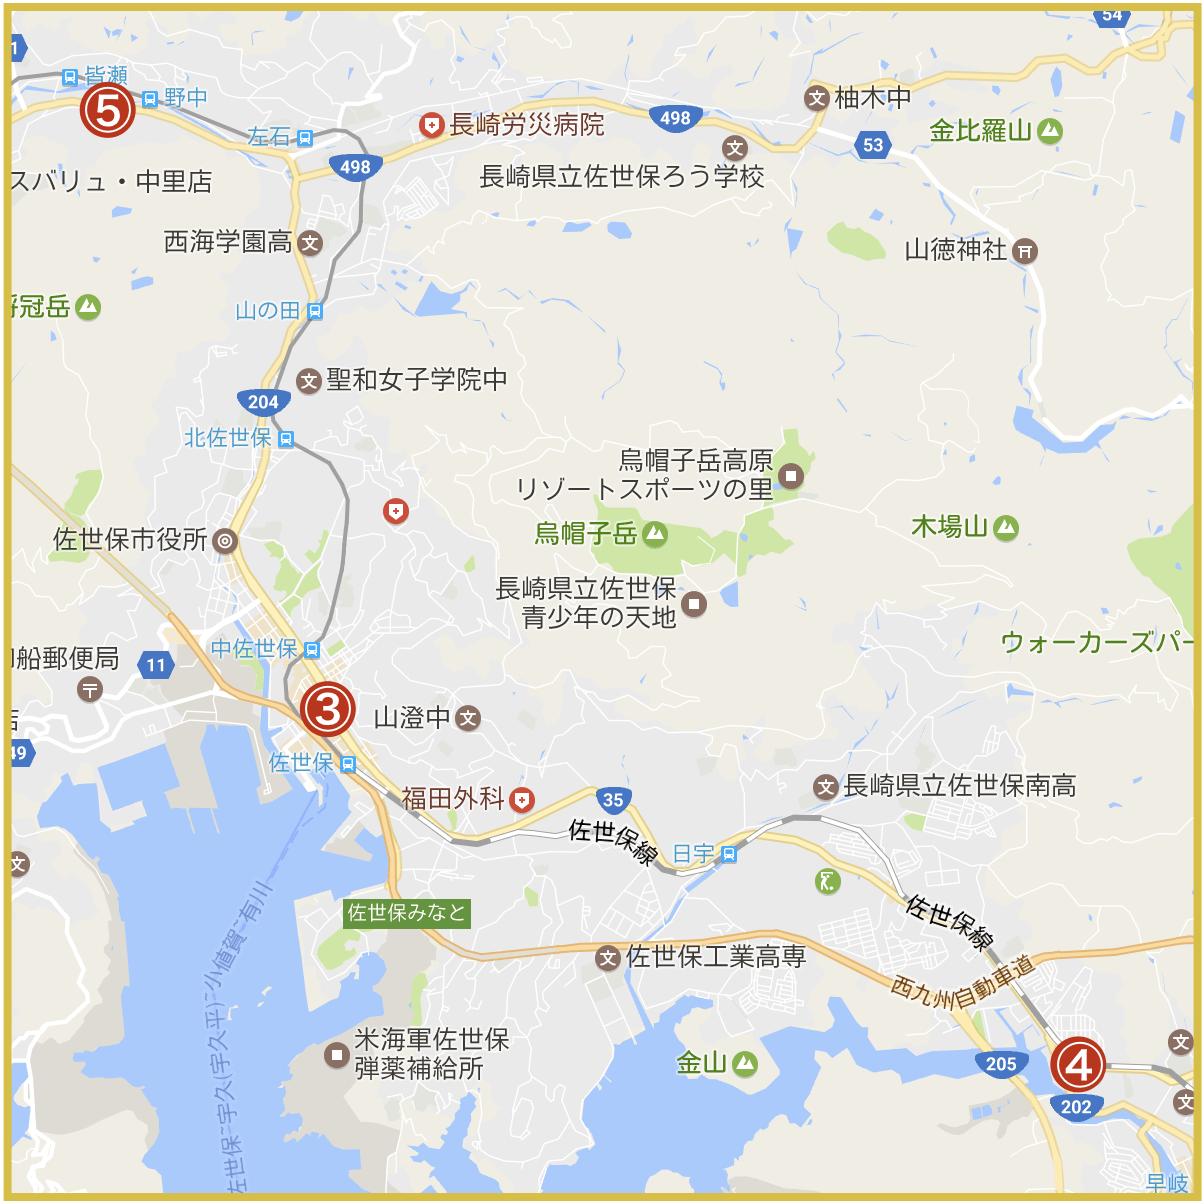 長崎県佐世保市にあるアイフル店舗・ATMの位置